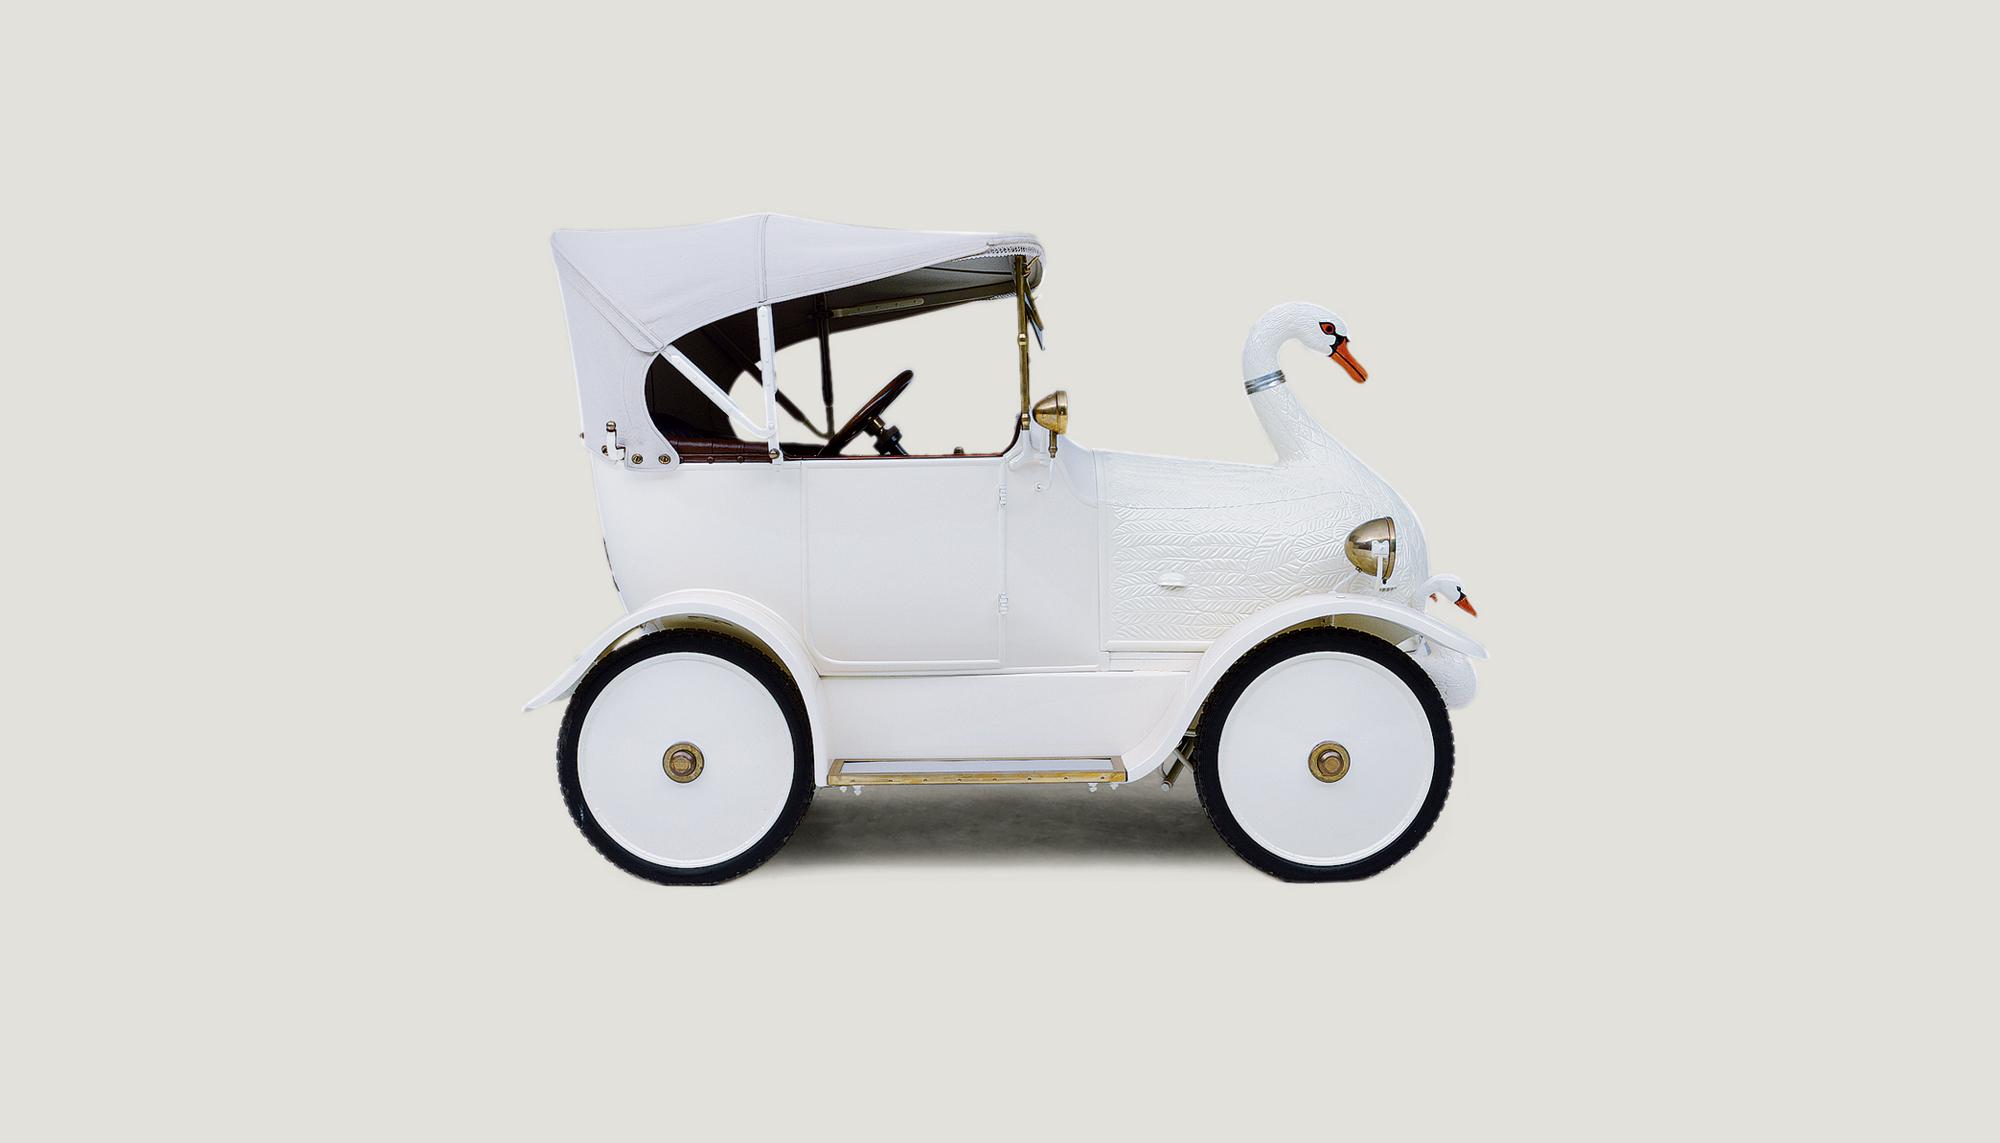 Bekijk Cygnet The Baby Swan Car in het Louwman Museum